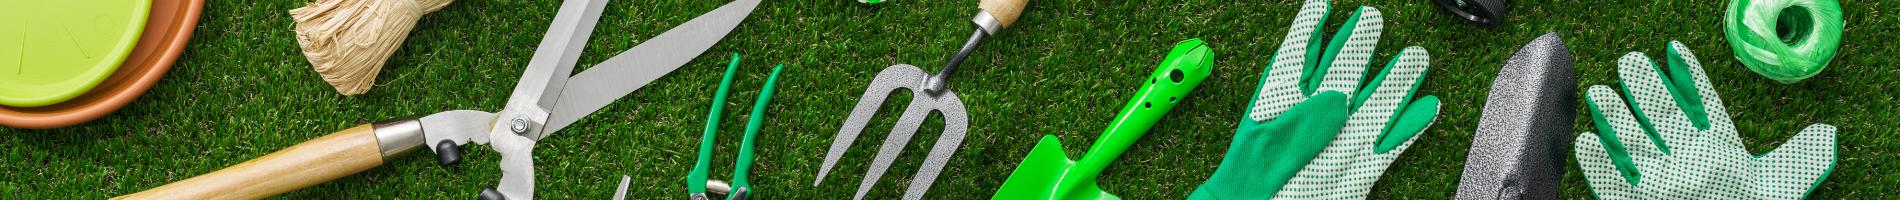 Gardening & Watering